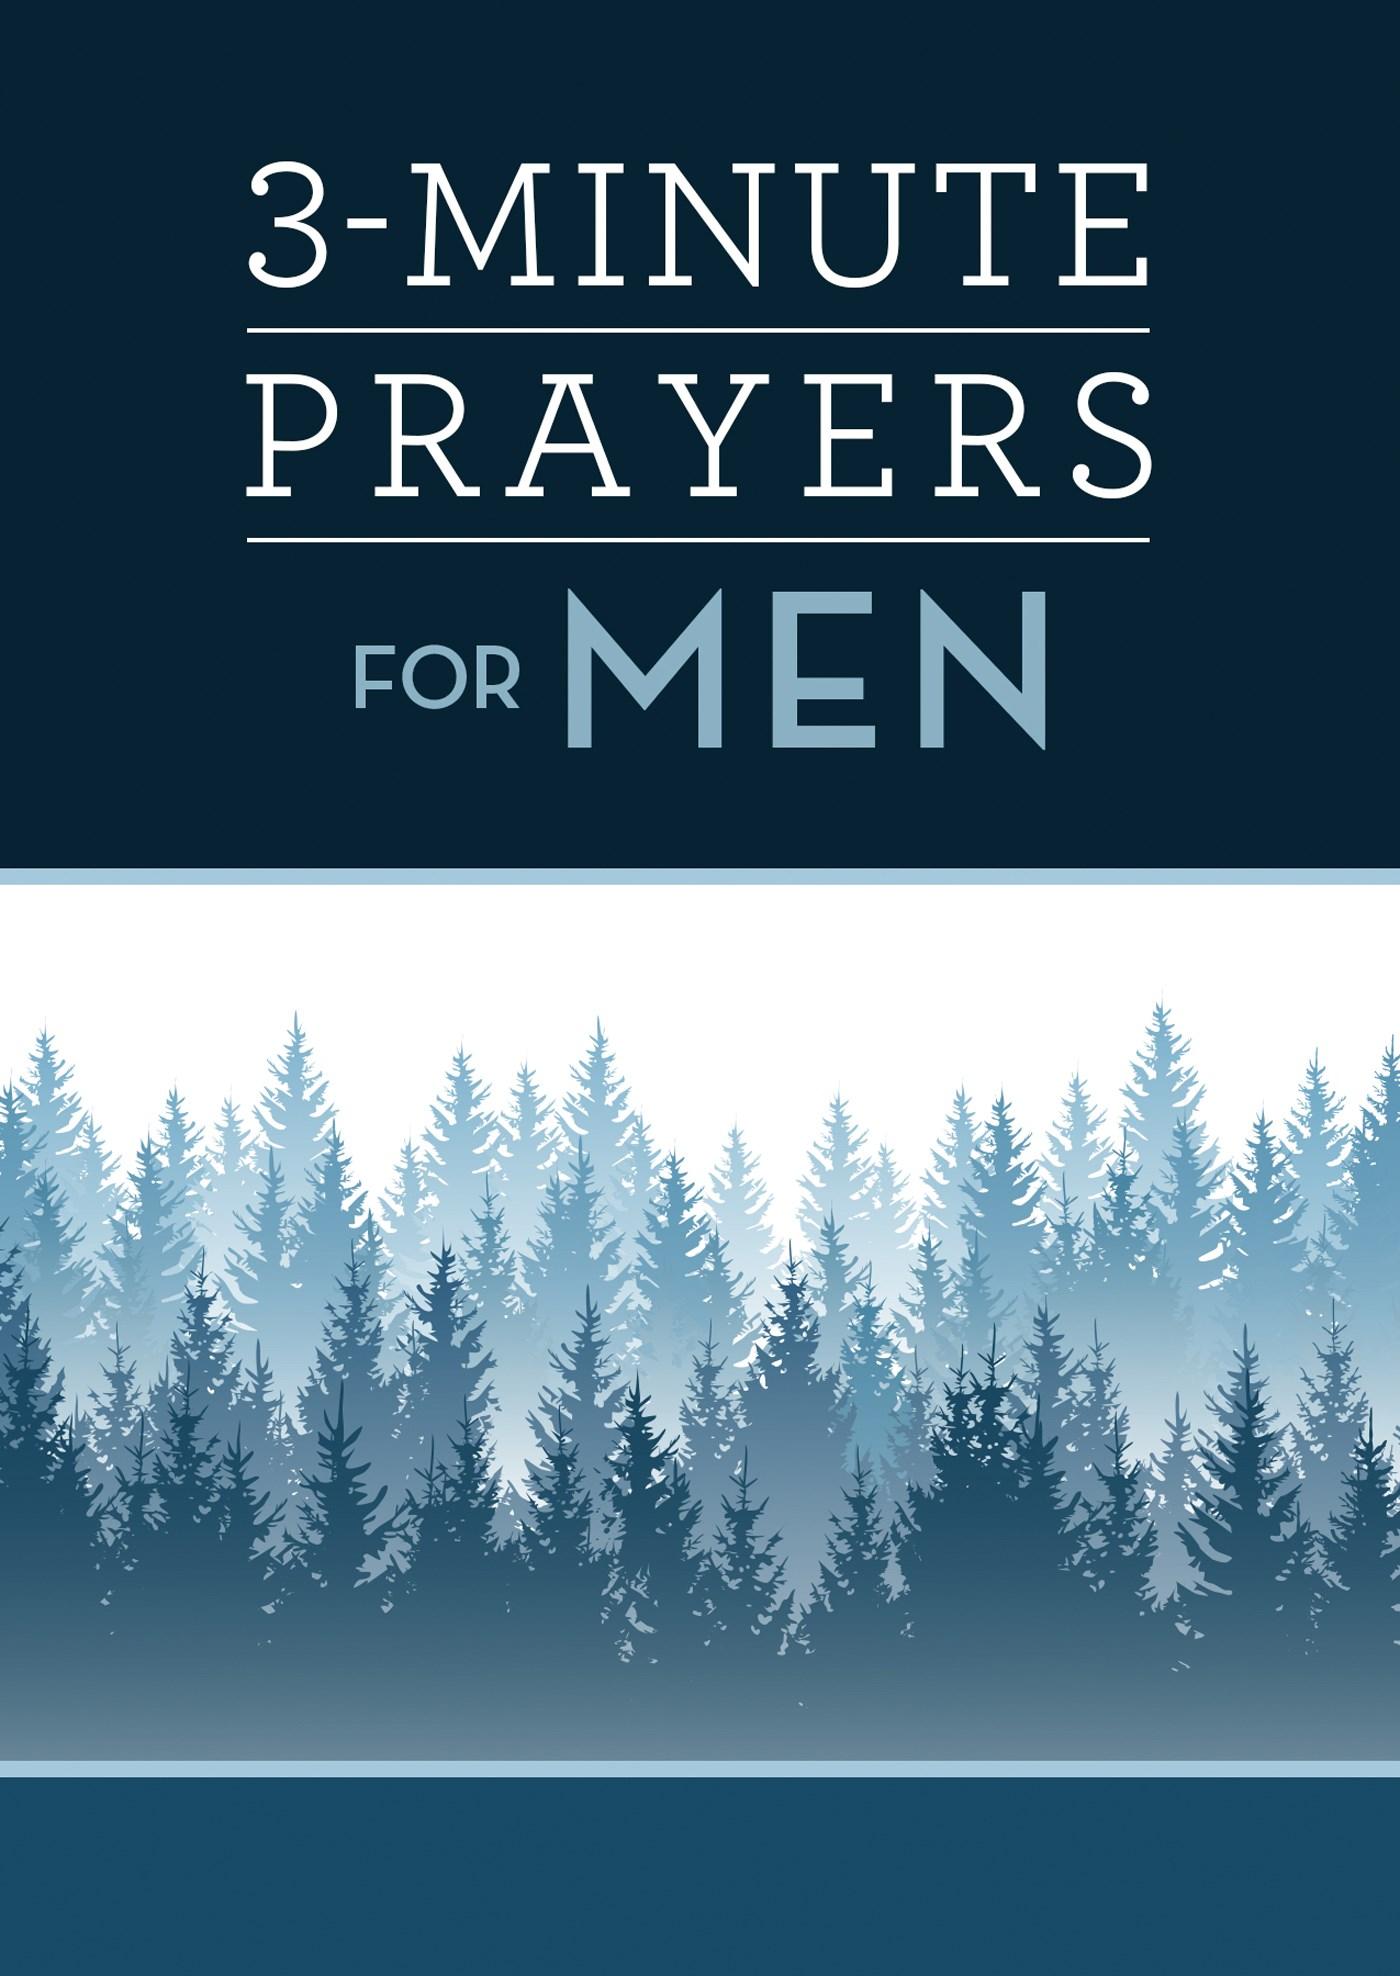 3-Minute Prayers For Men